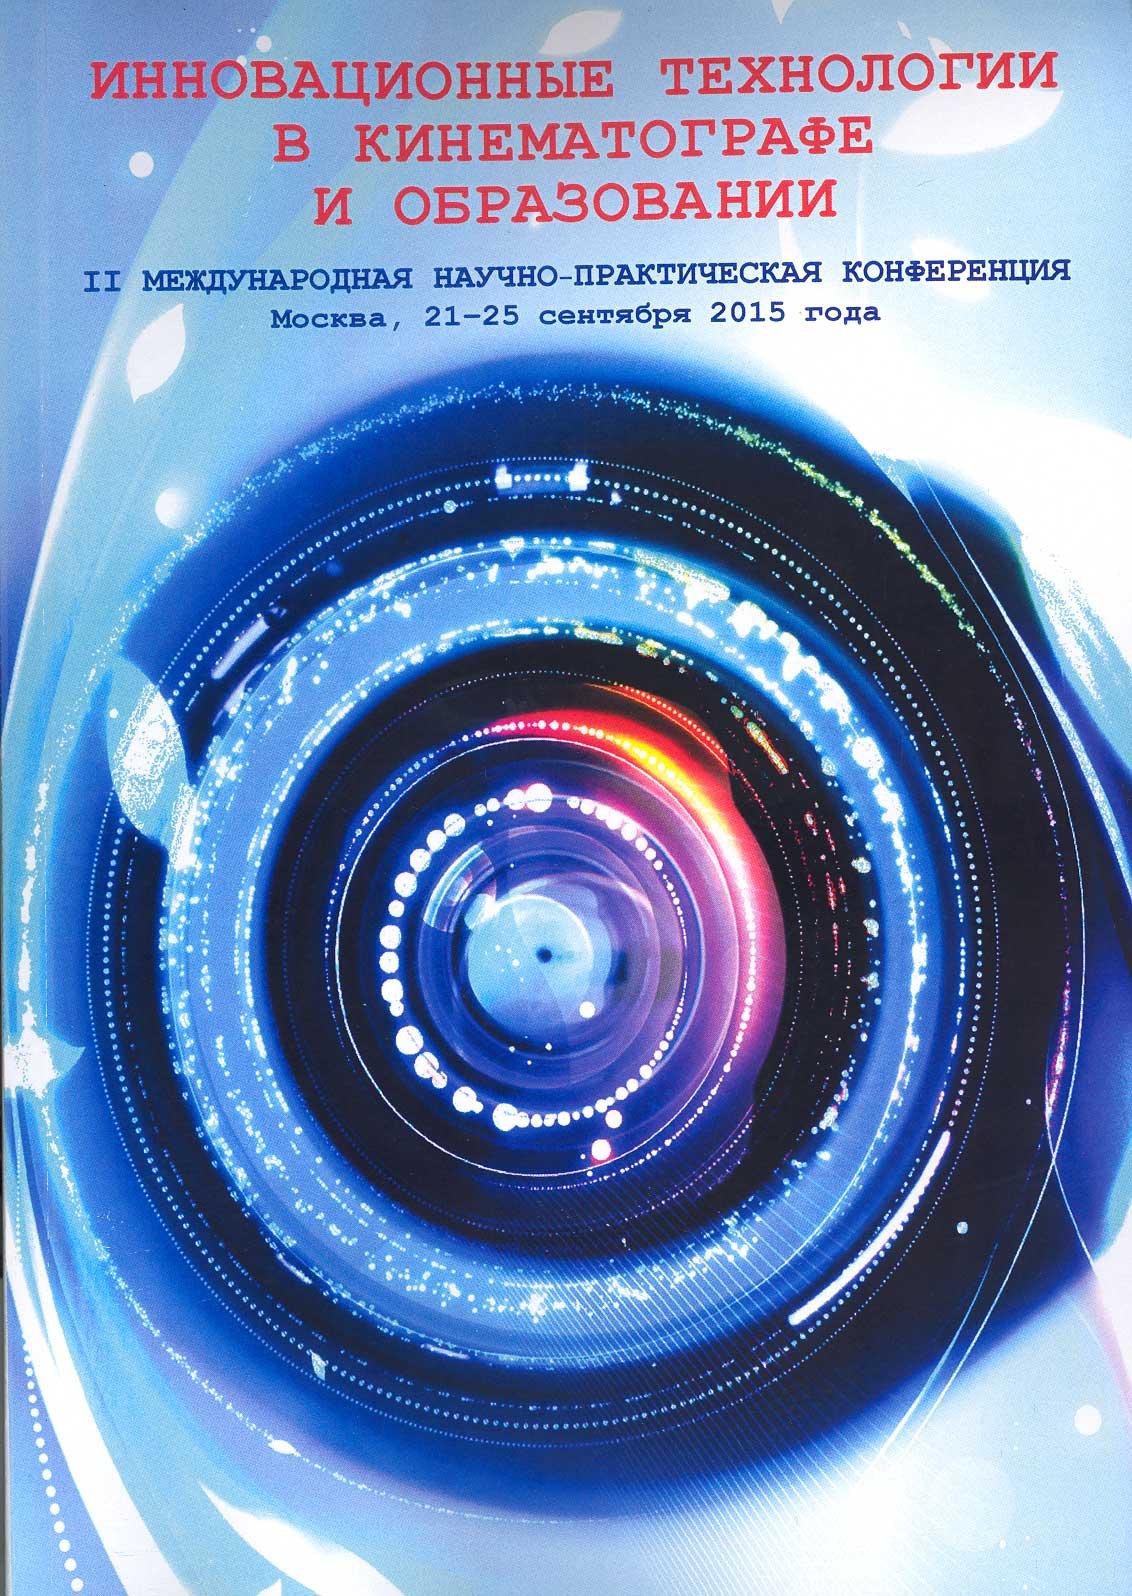 Инновационные технологии в кинематографе и образовании: II Международная научно-практическая конференция, Москва, 21-25 сентября 2015 г.: Материалы и доклады. — М.: ВГИК, 2015.